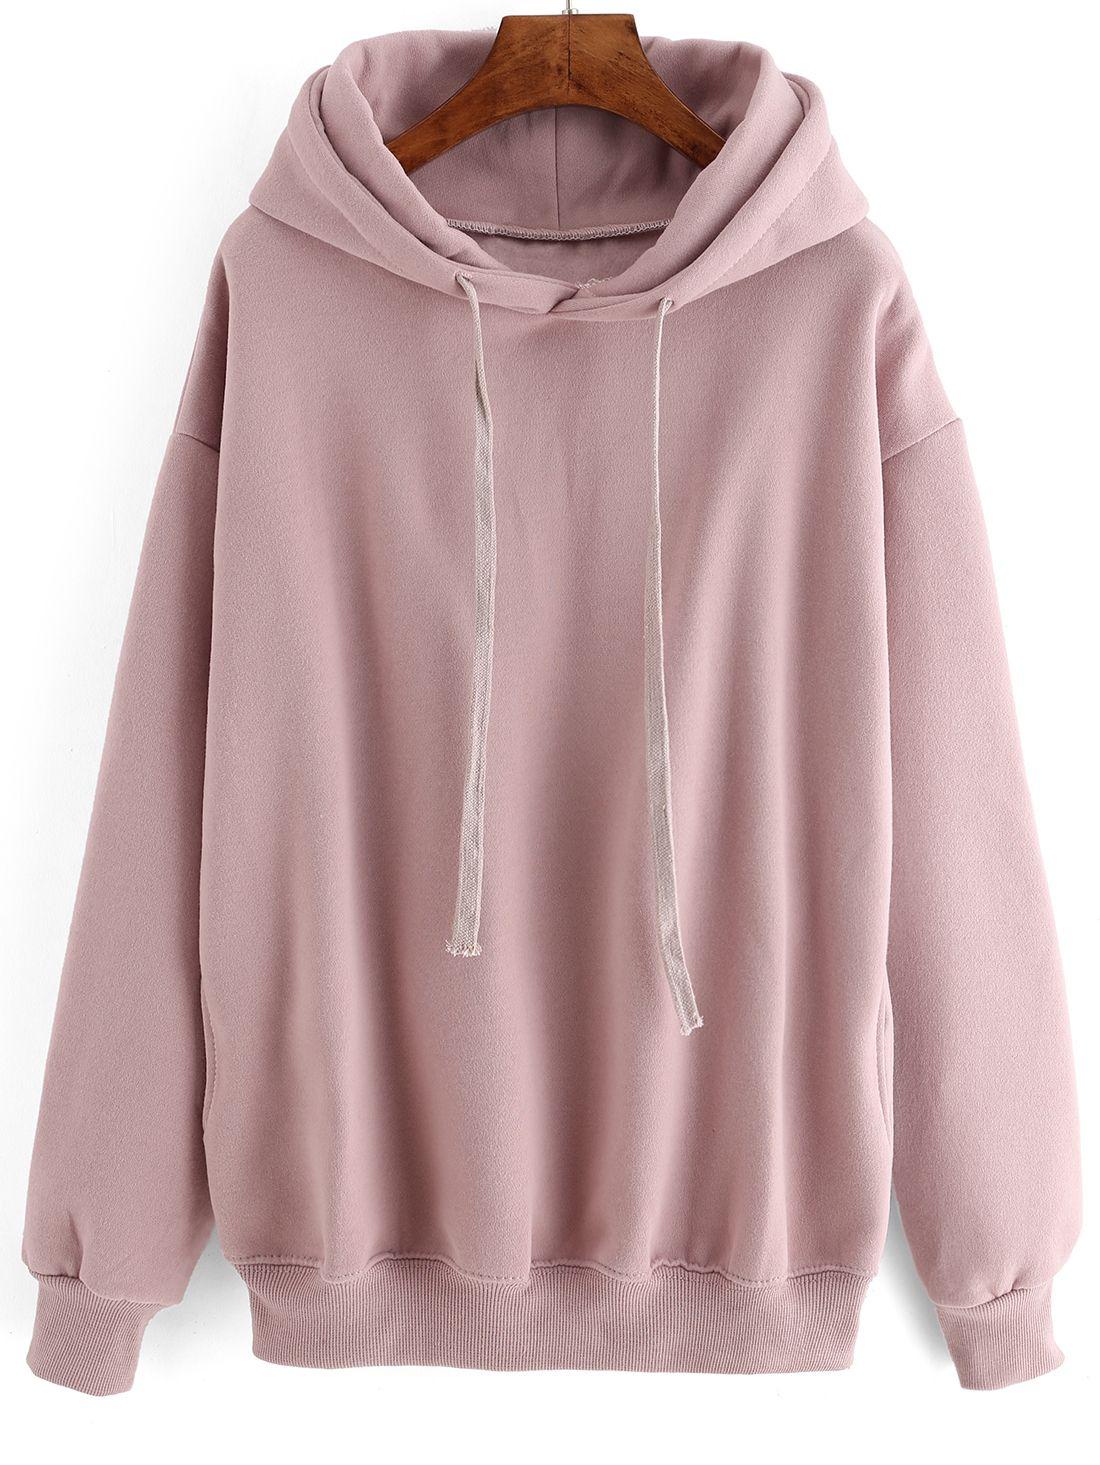 Hooded Drawstring Loose Pink Sweatshirt … | Pinteres…